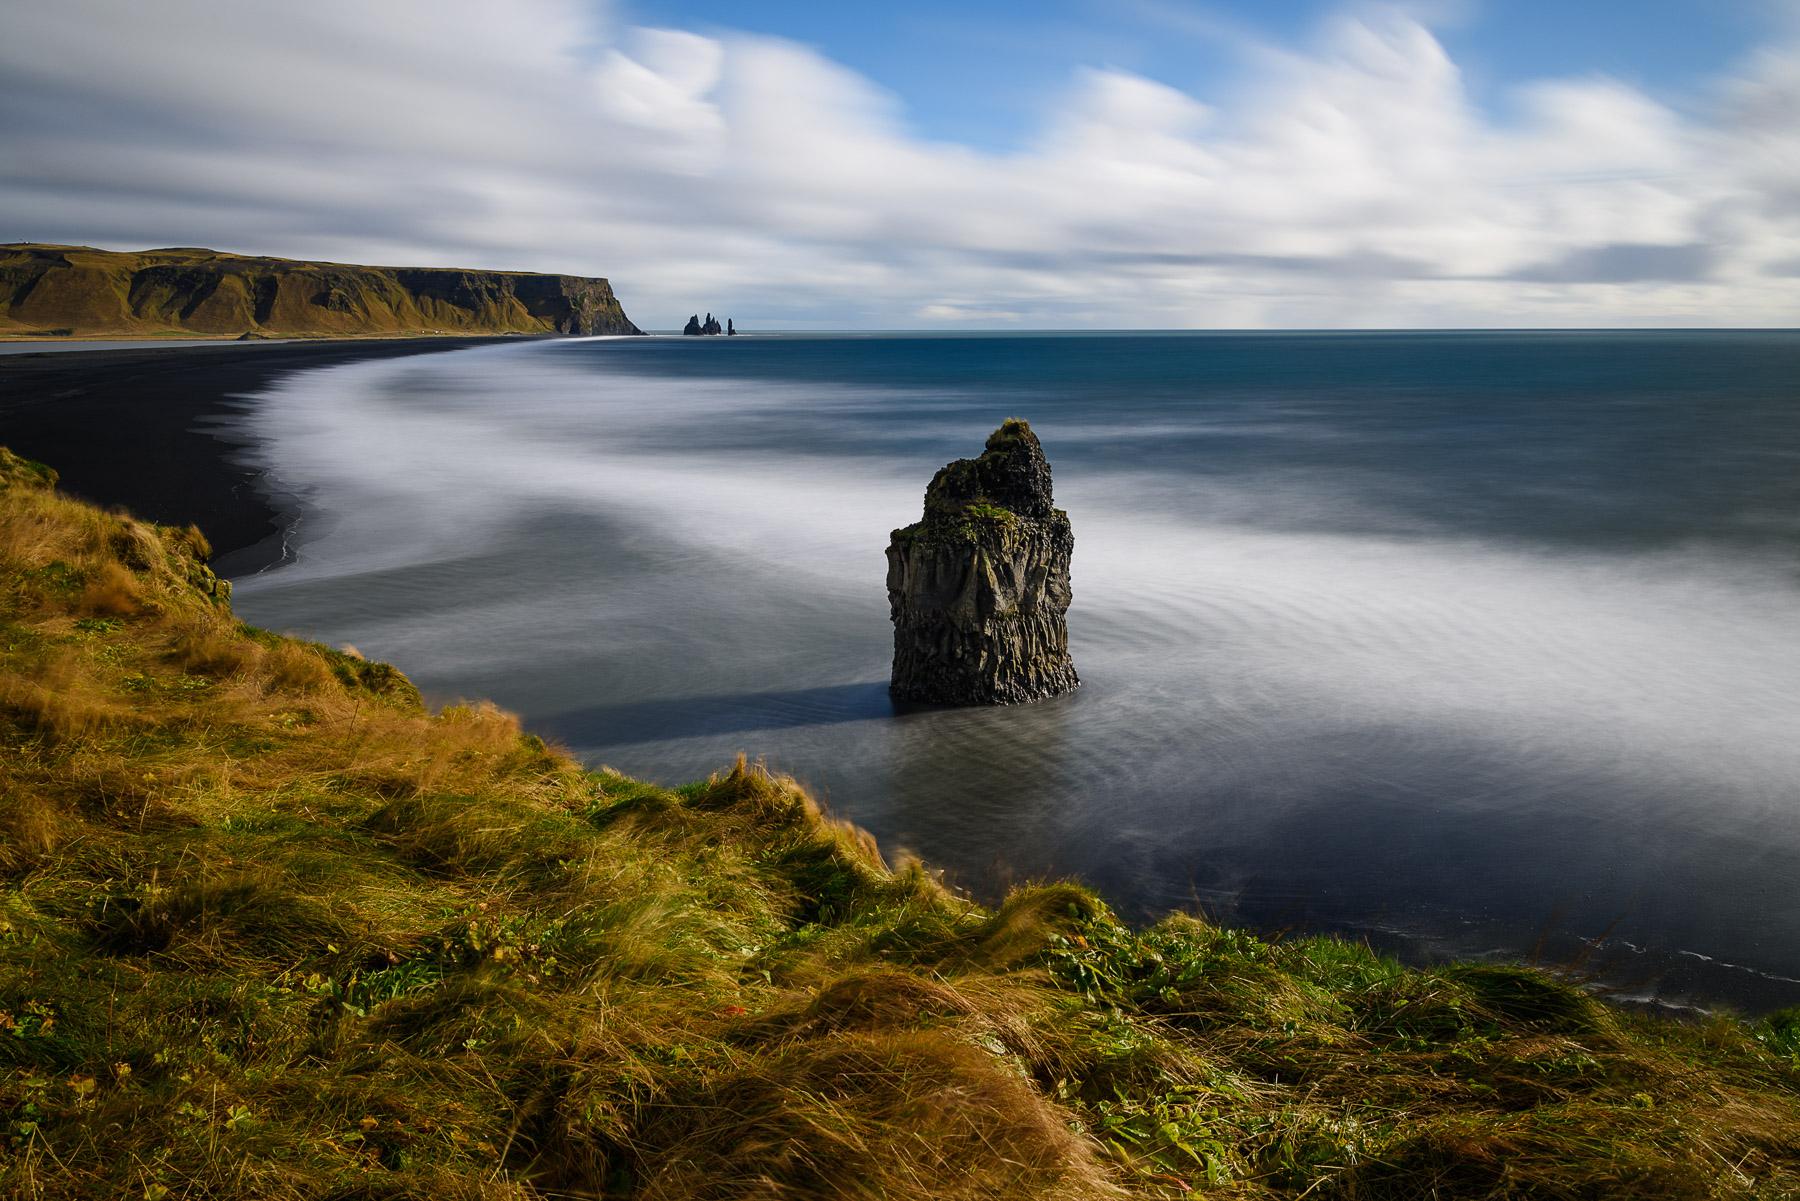 2019 Island Sudosten Herbst 1800 002 Freiraum Fotografie